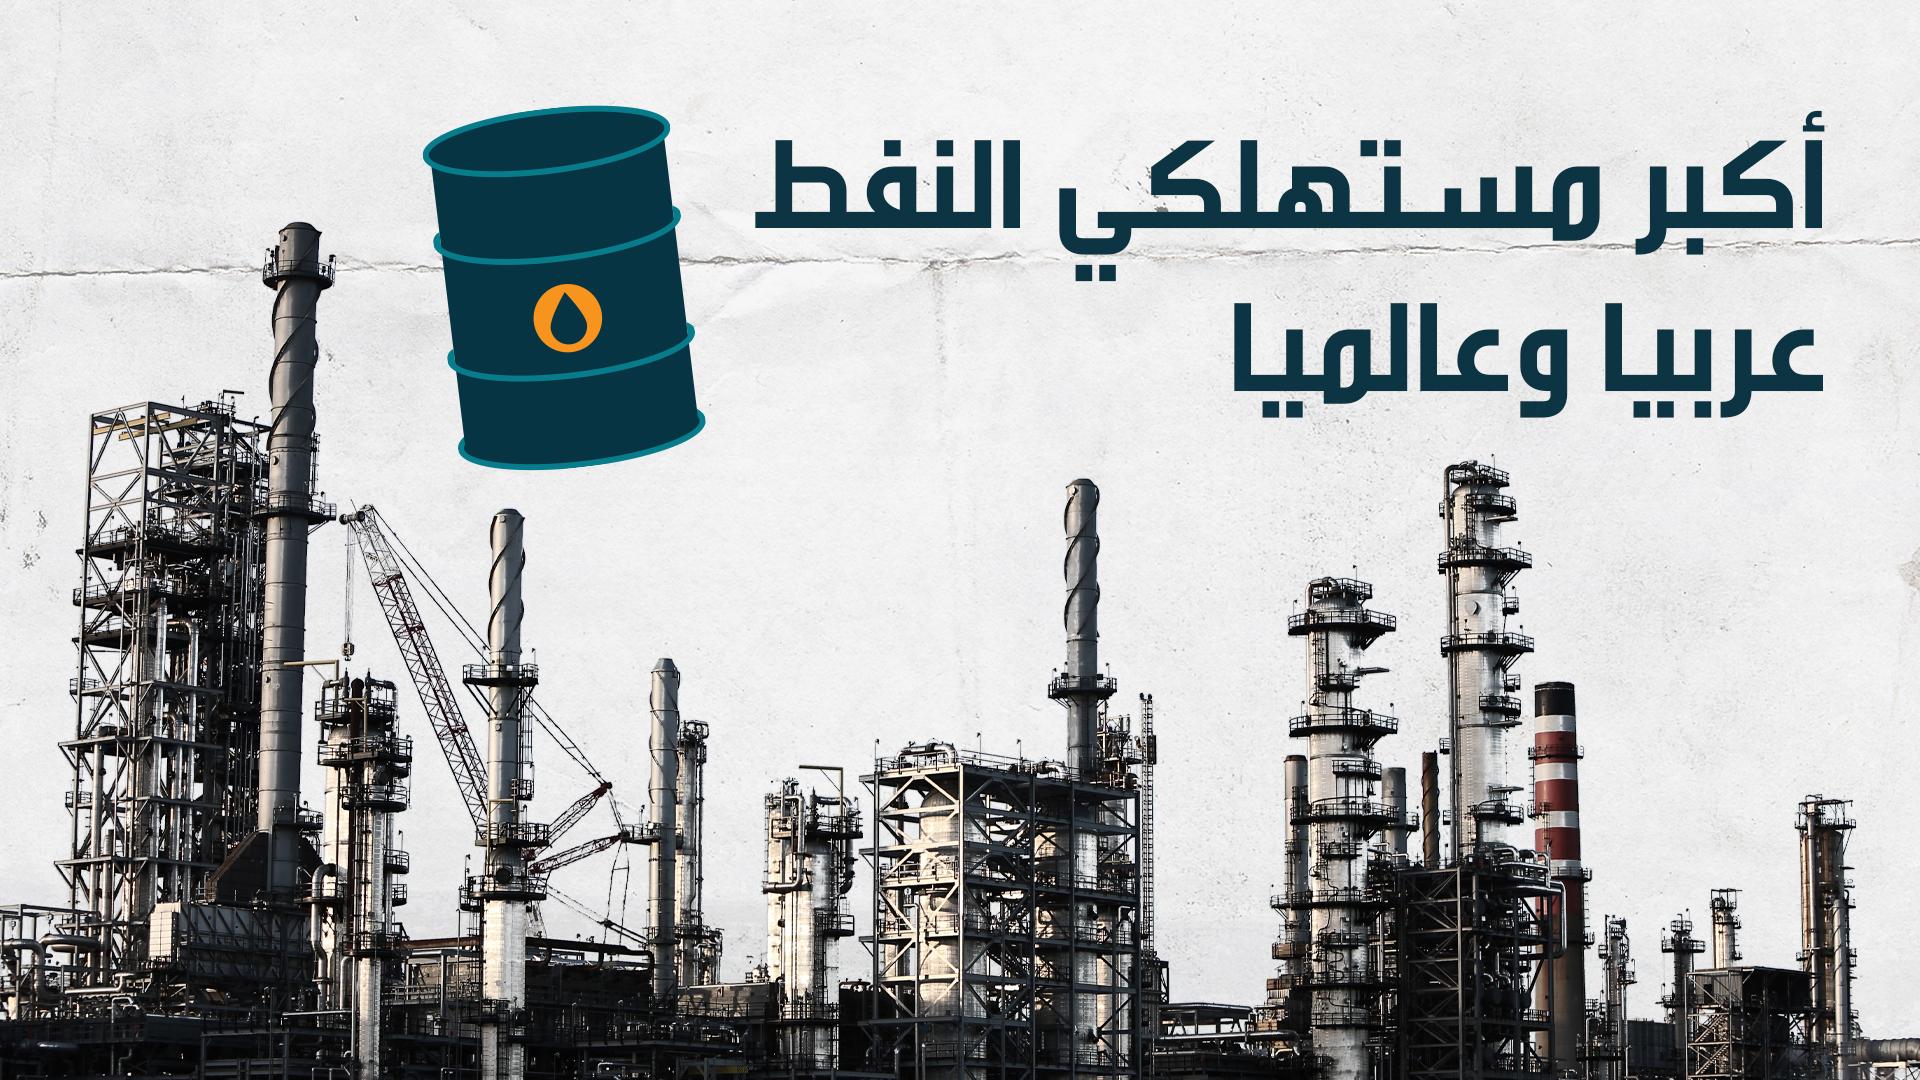 أكبر مستهلكي النفط عربيا وعالميا